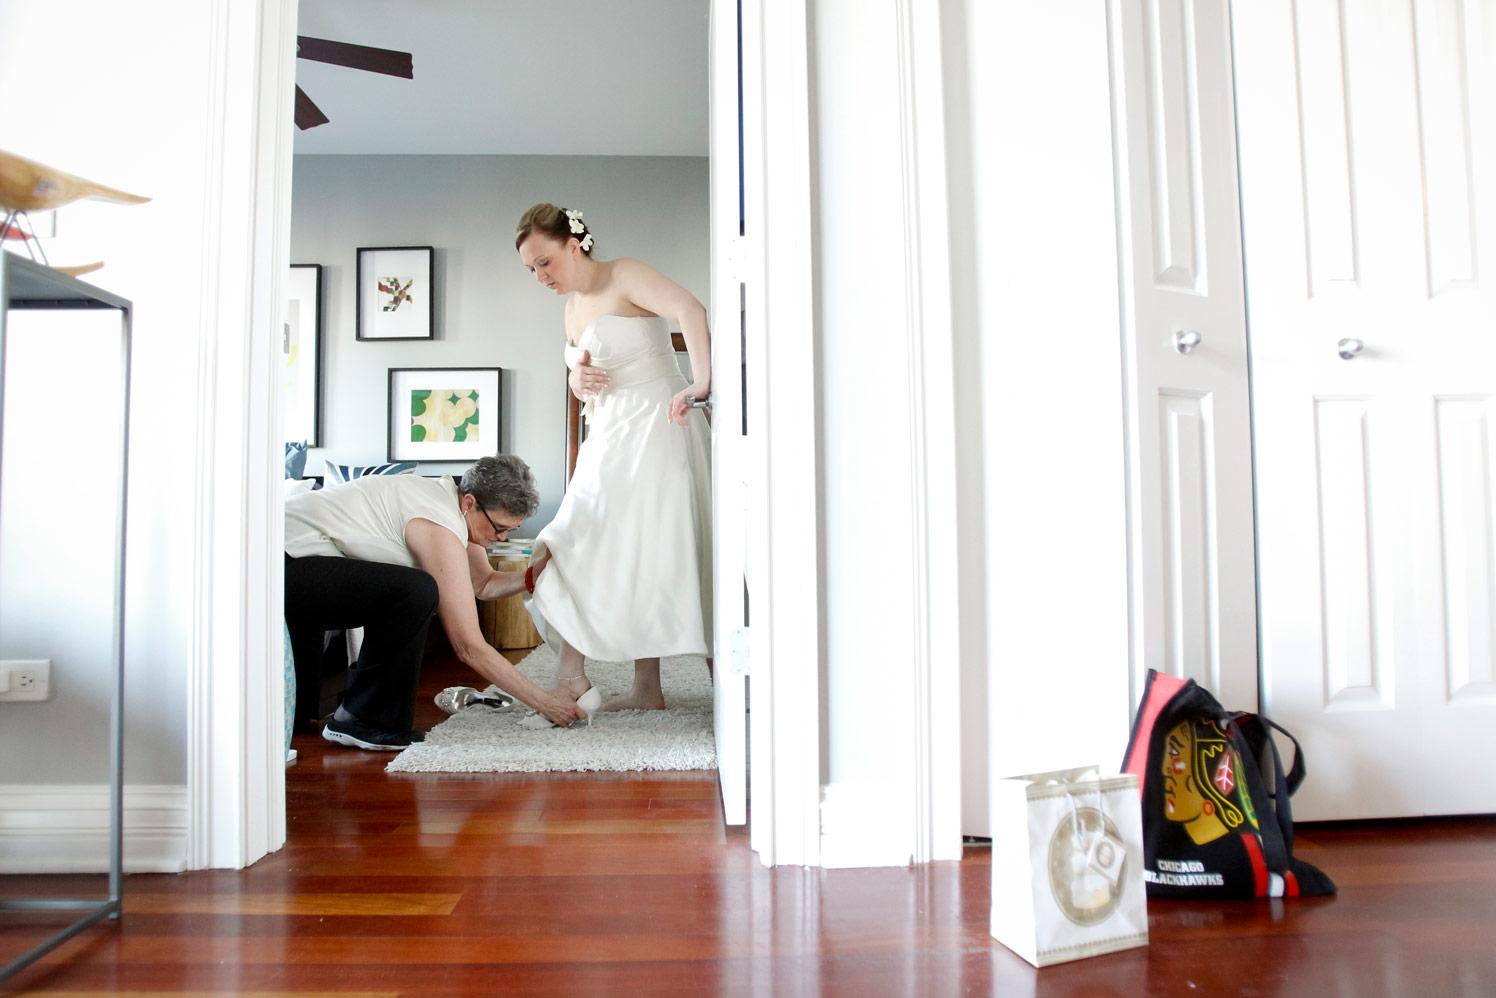 revolution-brewing-chicago-blackhawks-wedding-ruthie-hauge-photography-11.jpg